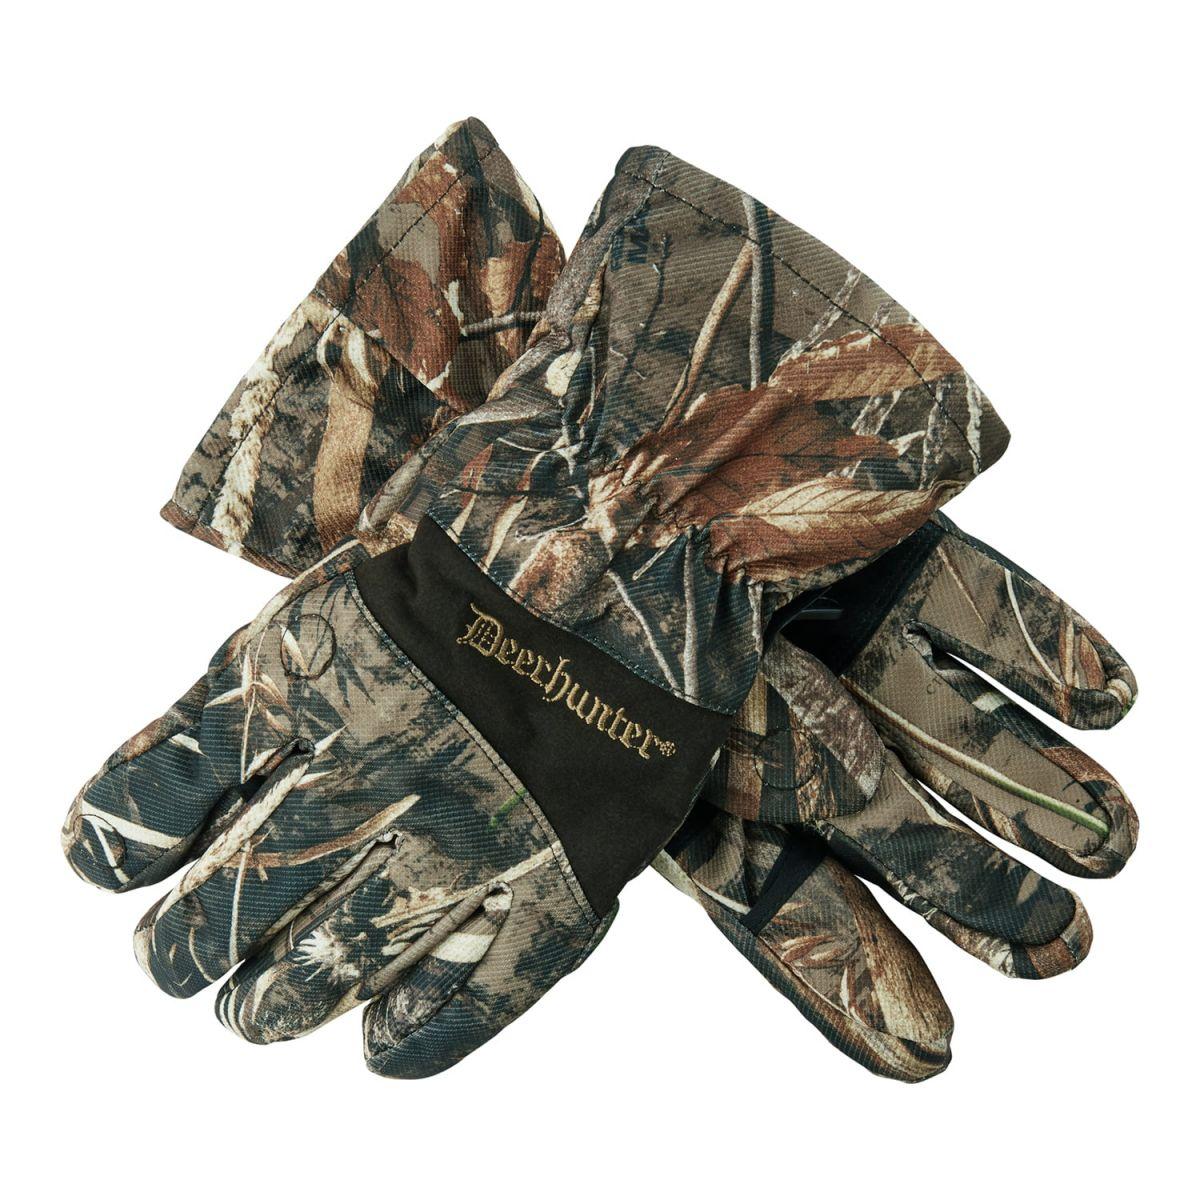 Перчатки Deerhunter Muflon Winter Max-5